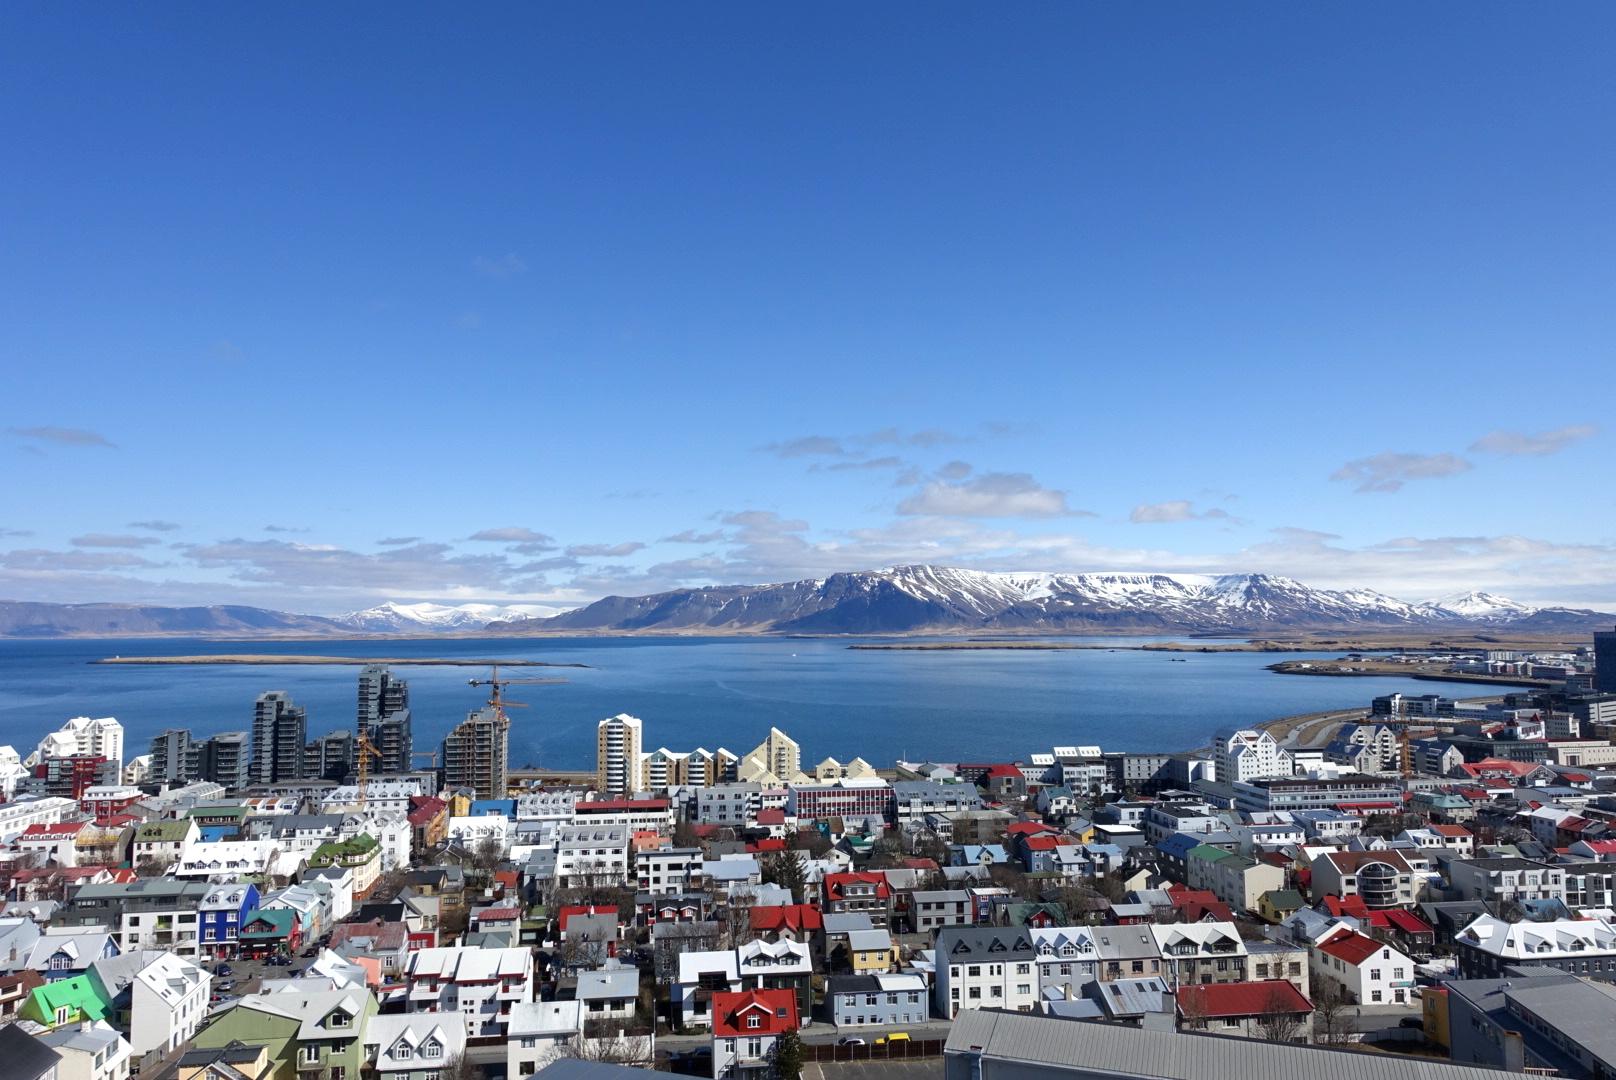 Korzystaj z przepięknych widoków otaczających Reykjavik.